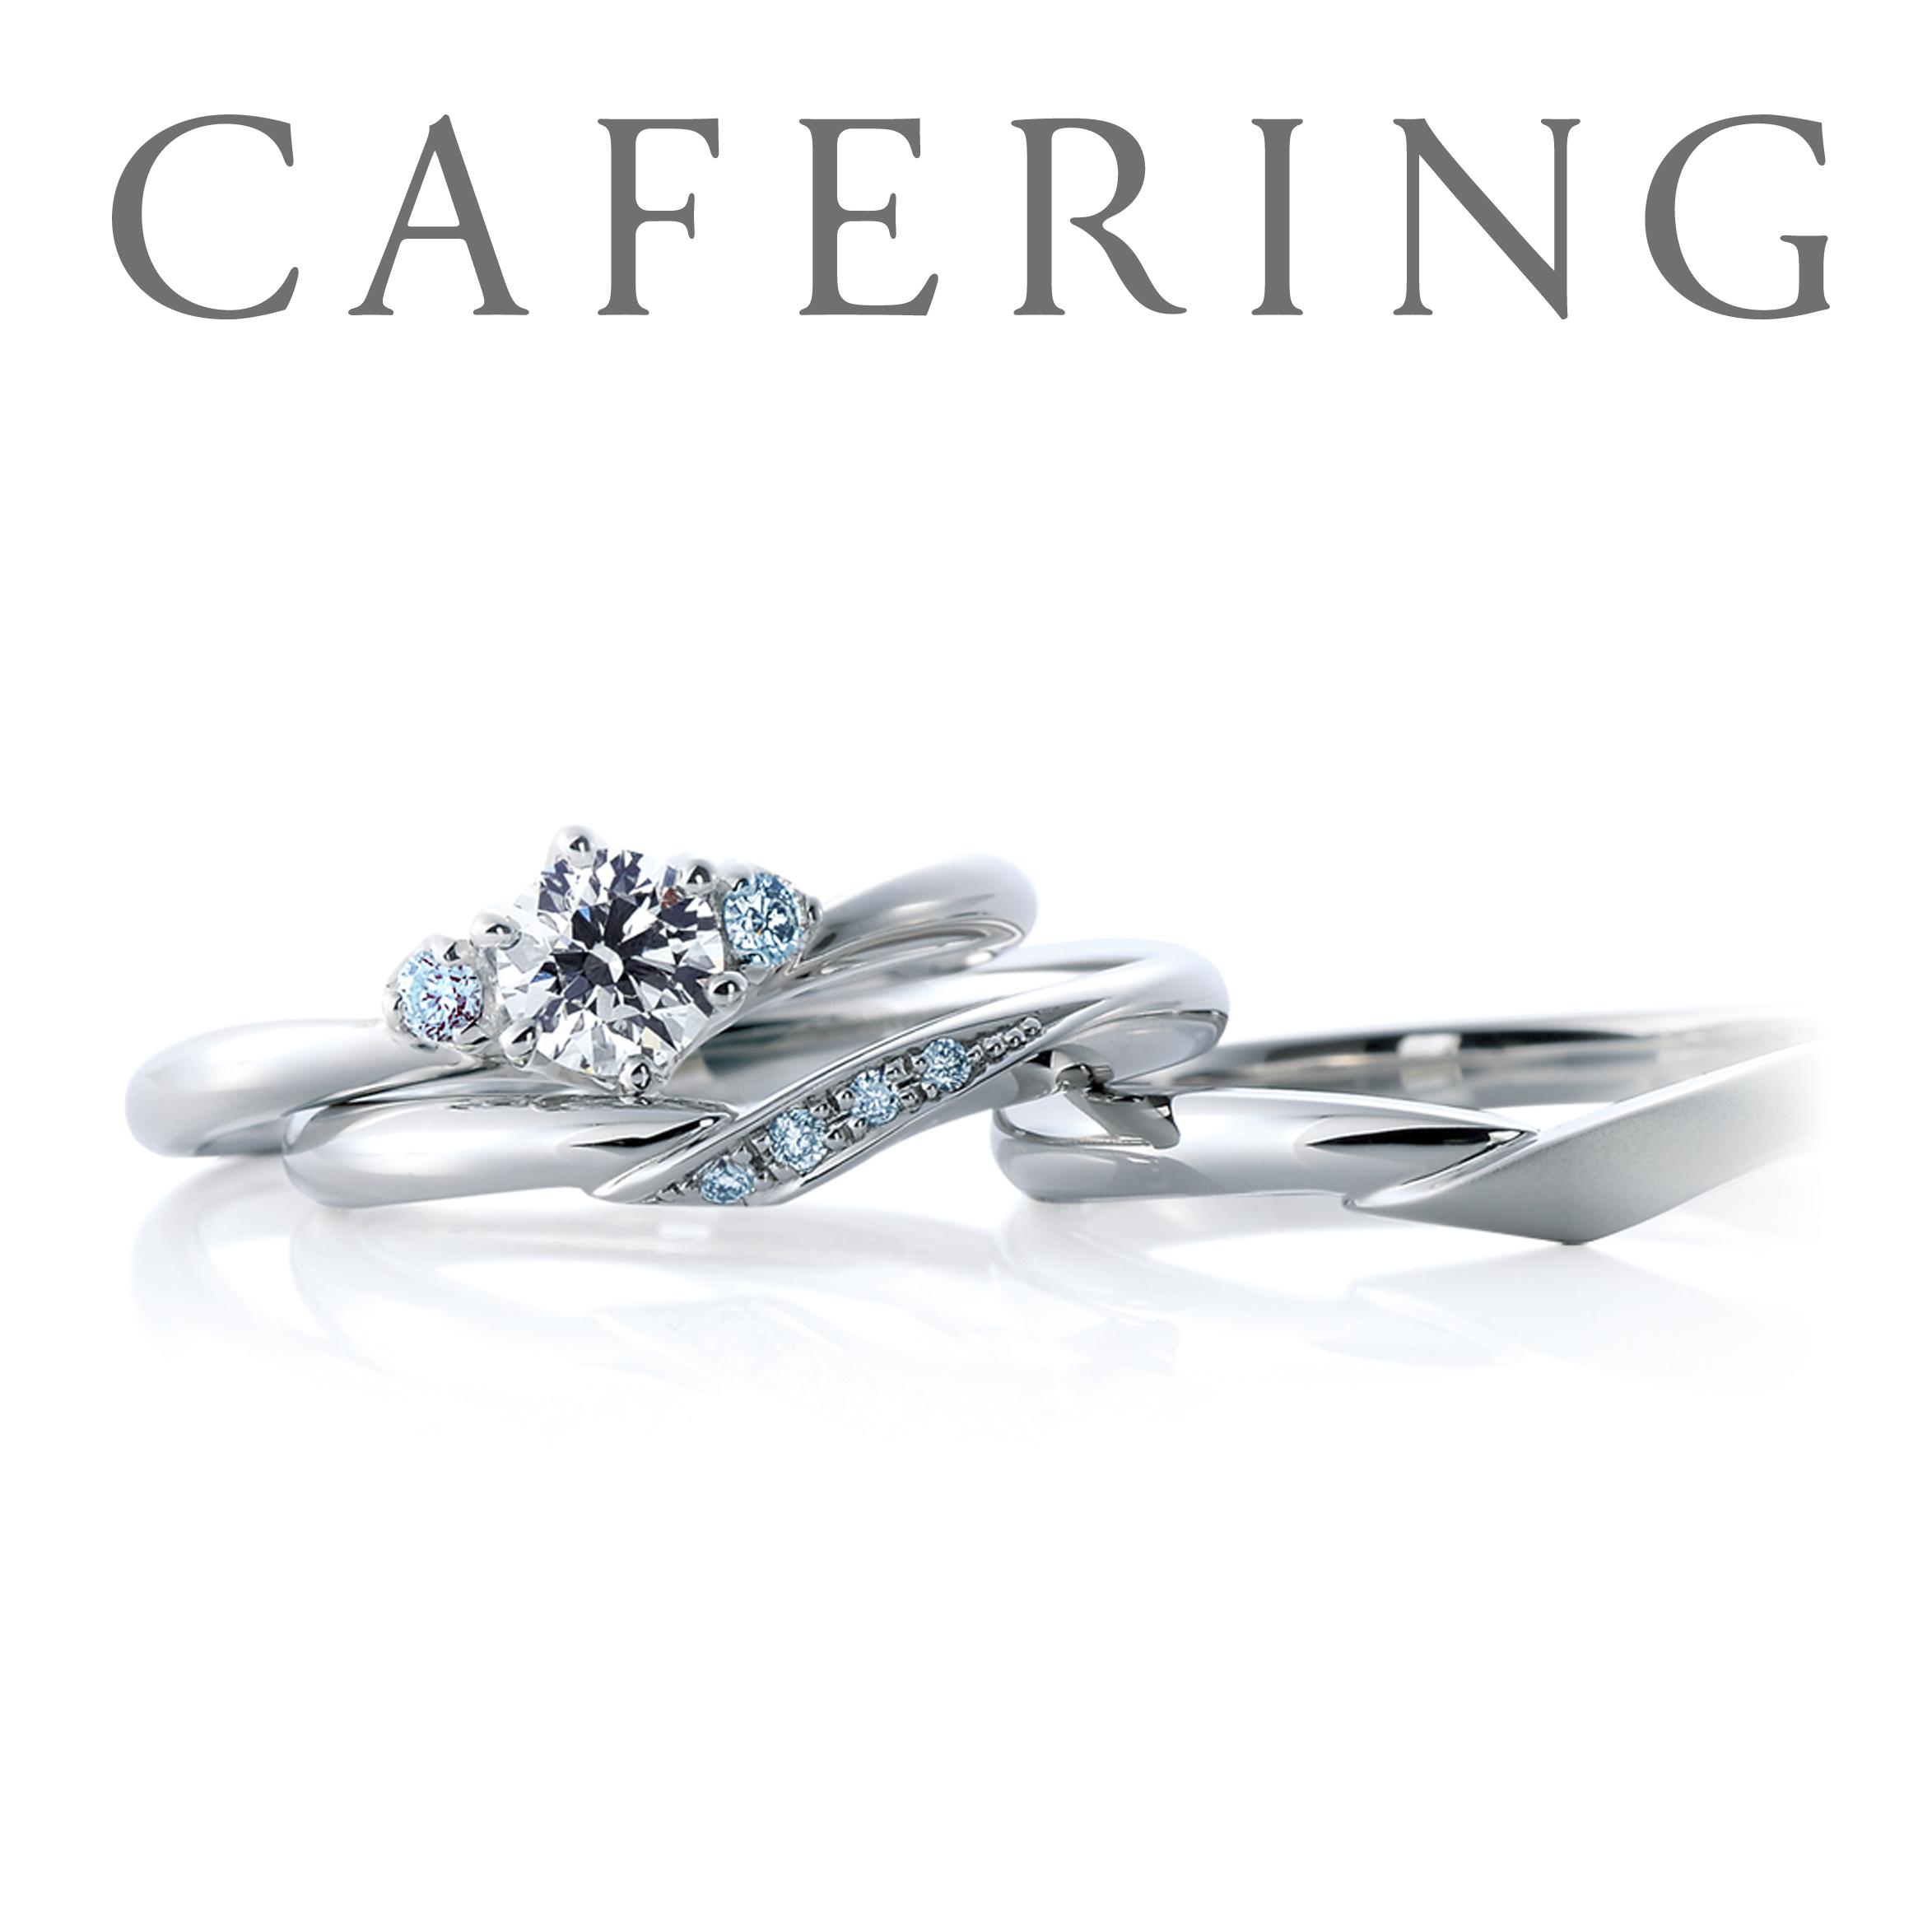 CAFERING-カフェリング- アイスブルーダイヤモンドのセットリング